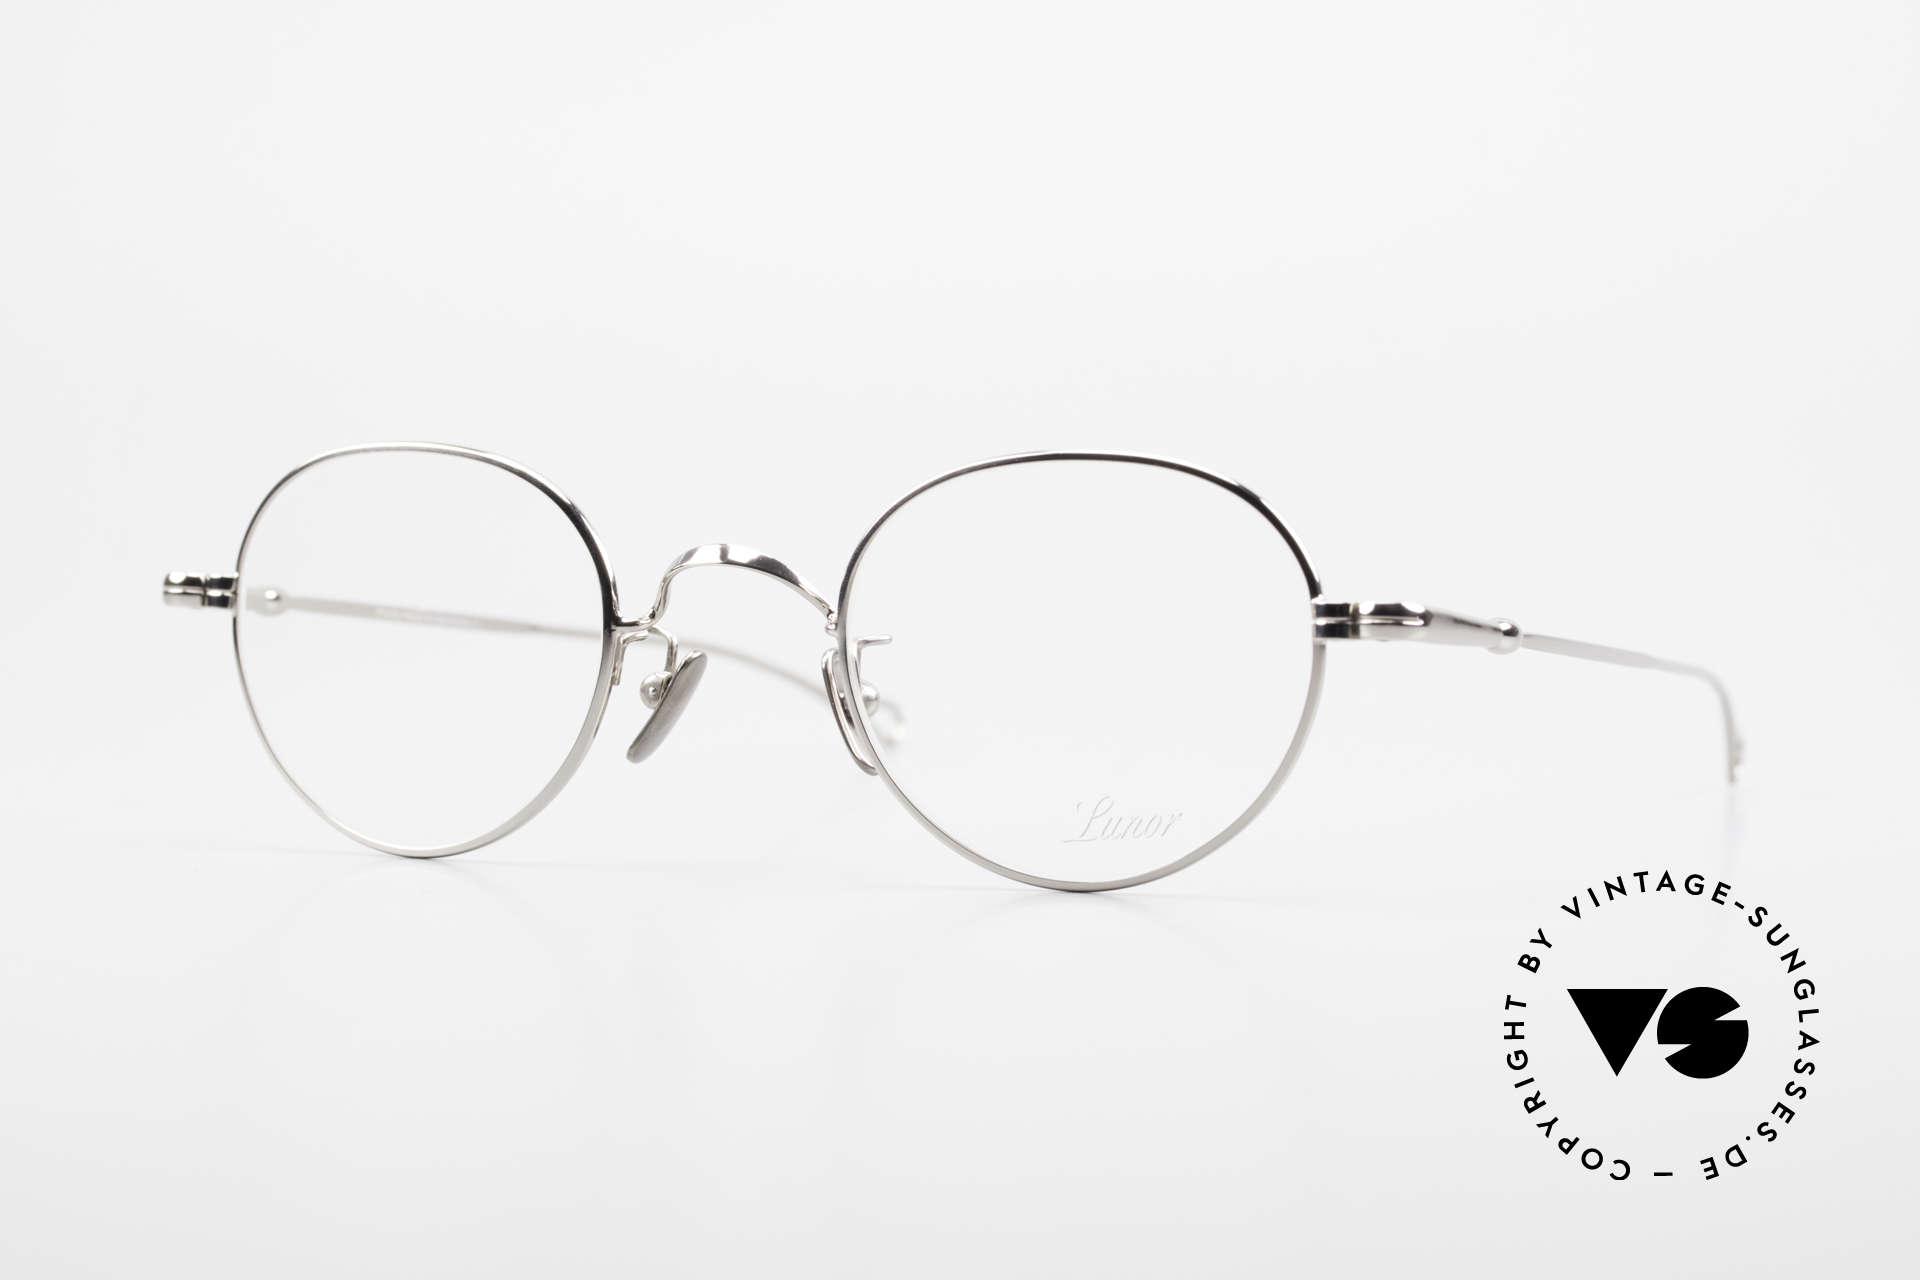 Lunor V 108 Pantobrille Platin Plattiert, LUNOR = ehrliches Handwerk mit Liebe zum Detail, Passend für Herren